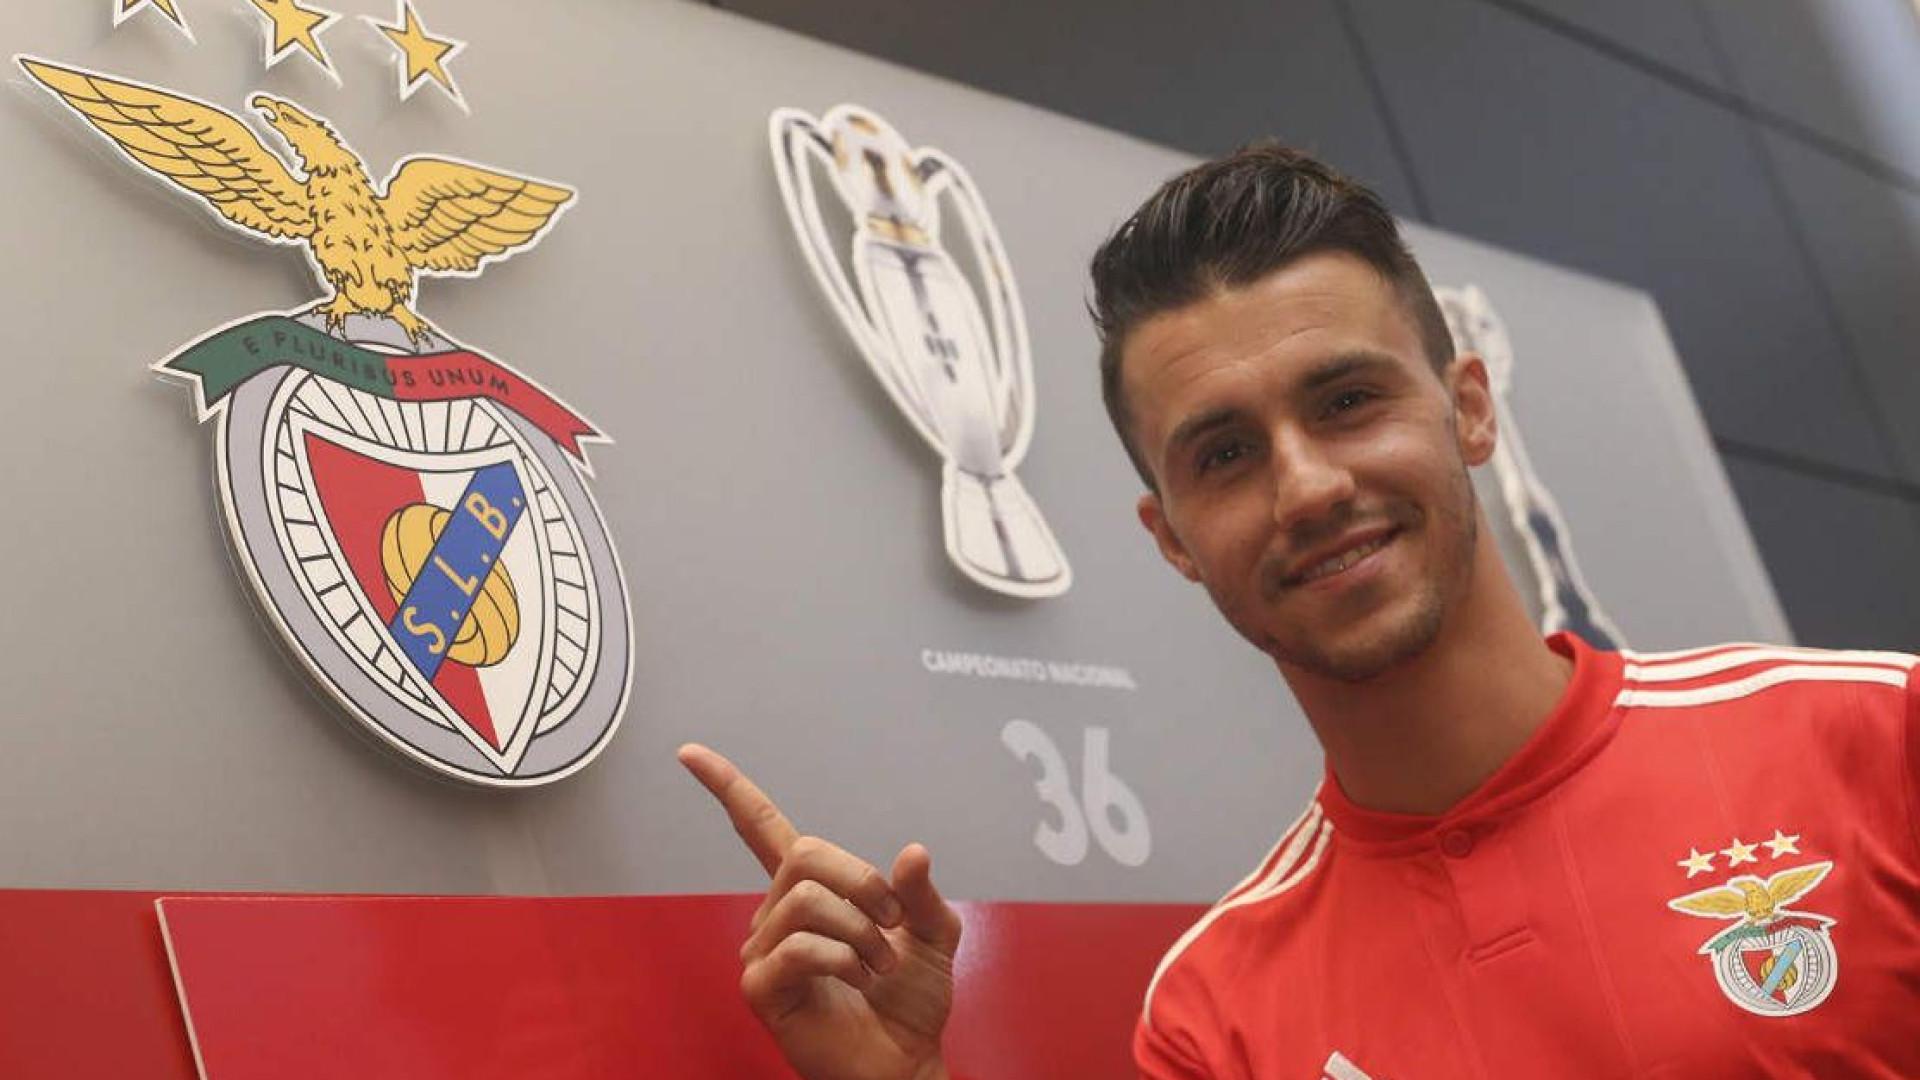 Corchia oficializado como reforço do Benfica